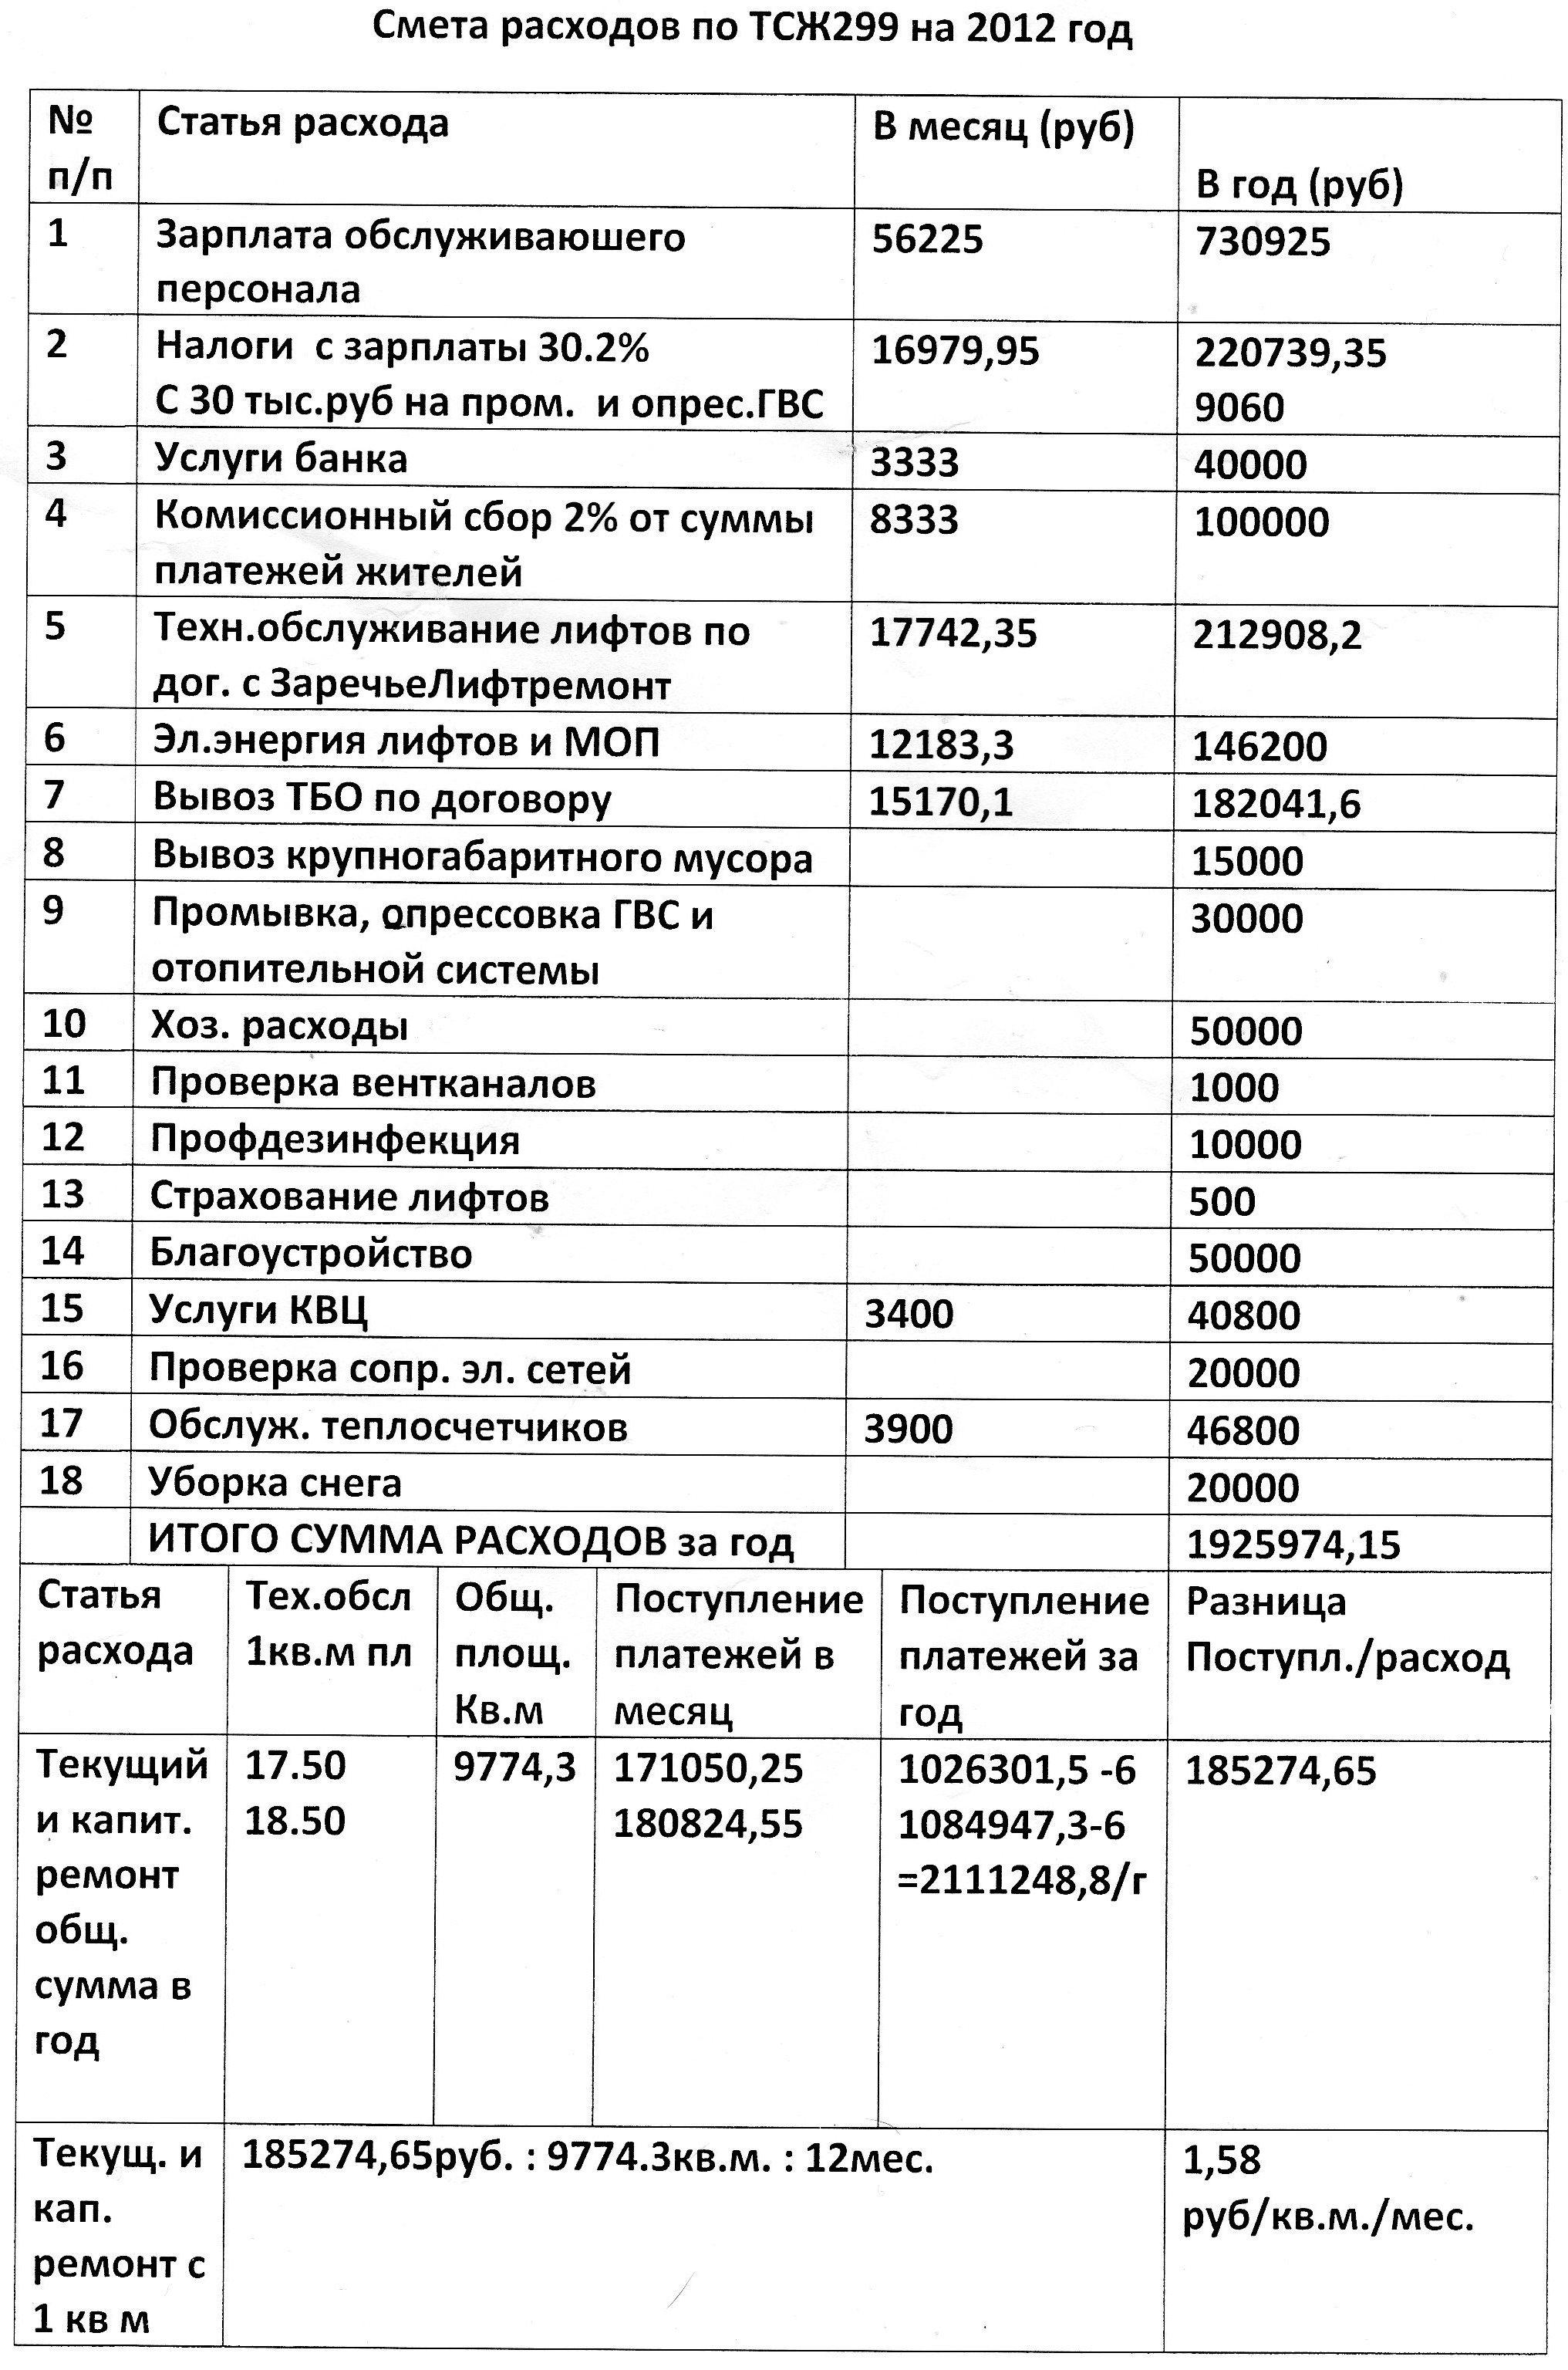 штатное расписание строительной организации образец 2014